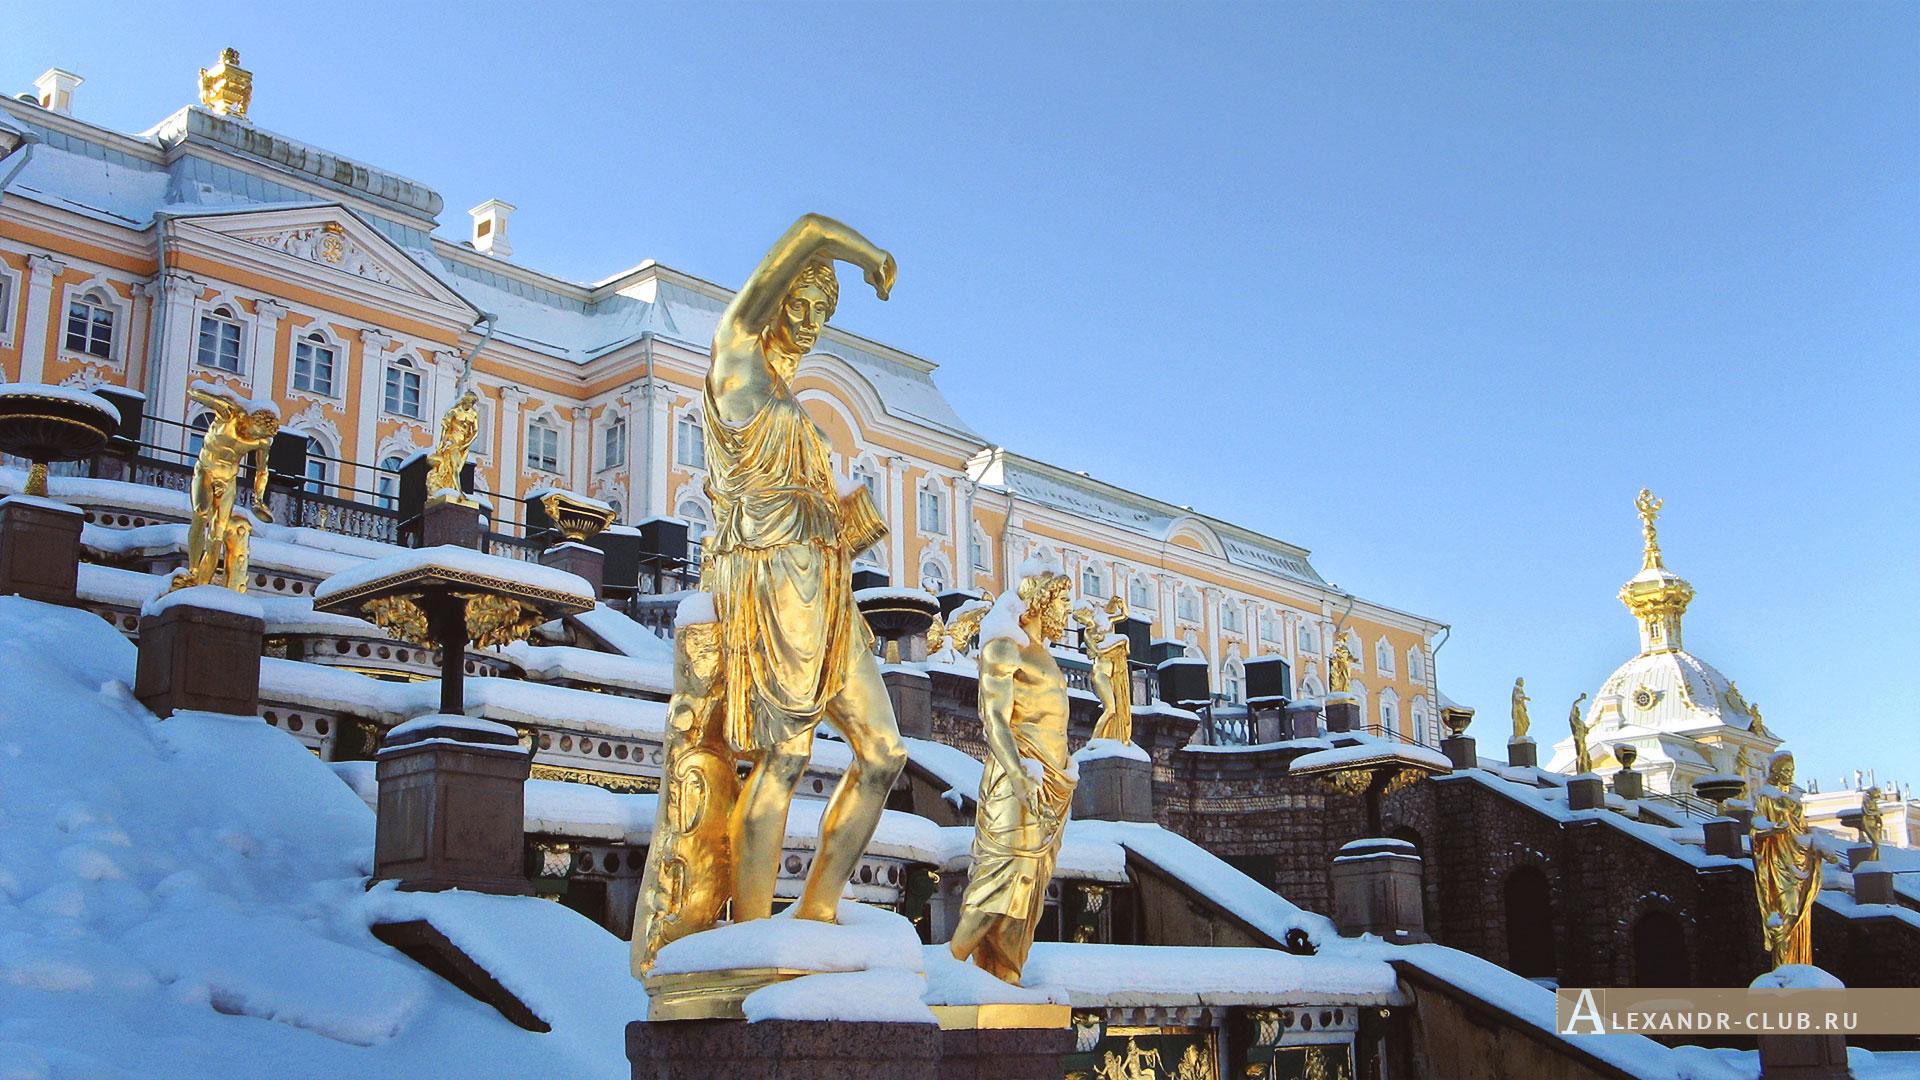 Петергоф, зима, Нижний парк, Большой каскад и Большой петергофский дворец – 2